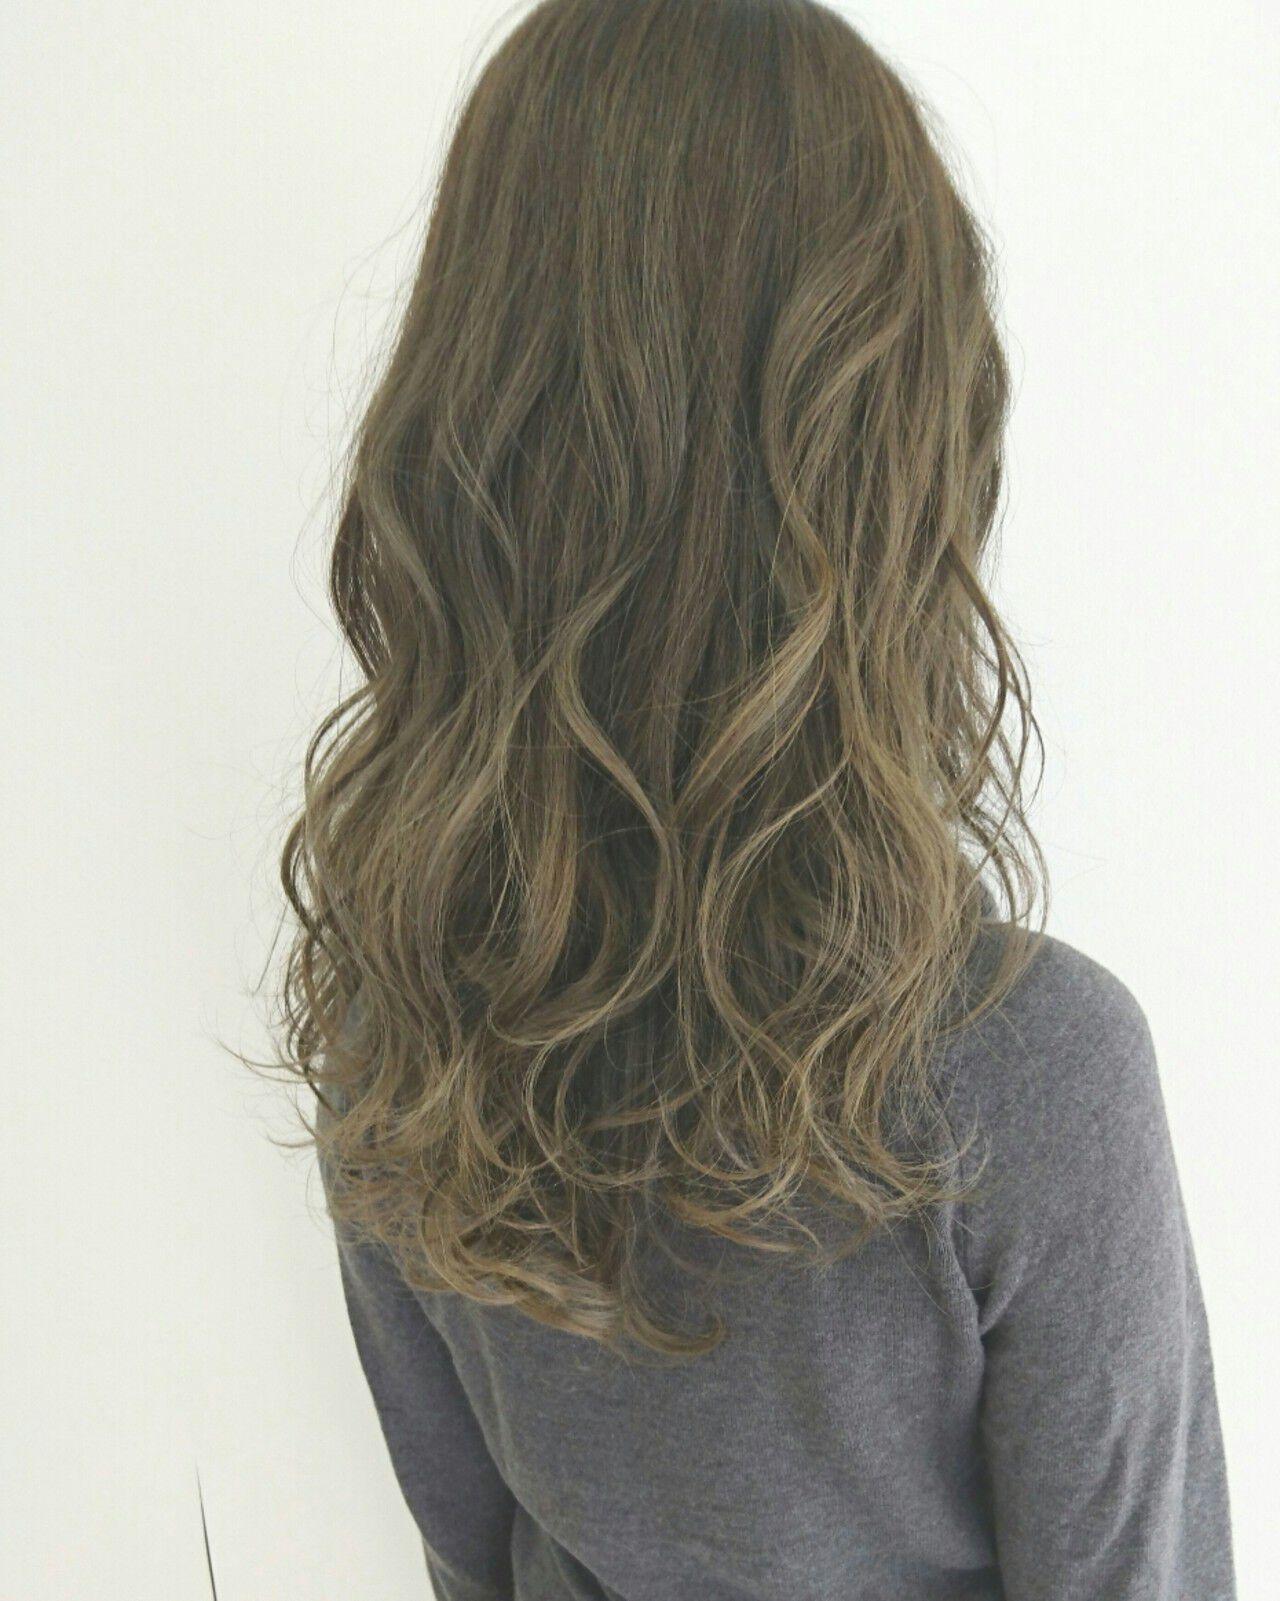 大人かわいい 外国人風 グラデーションカラー グレージュヘアスタイルや髪型の写真・画像